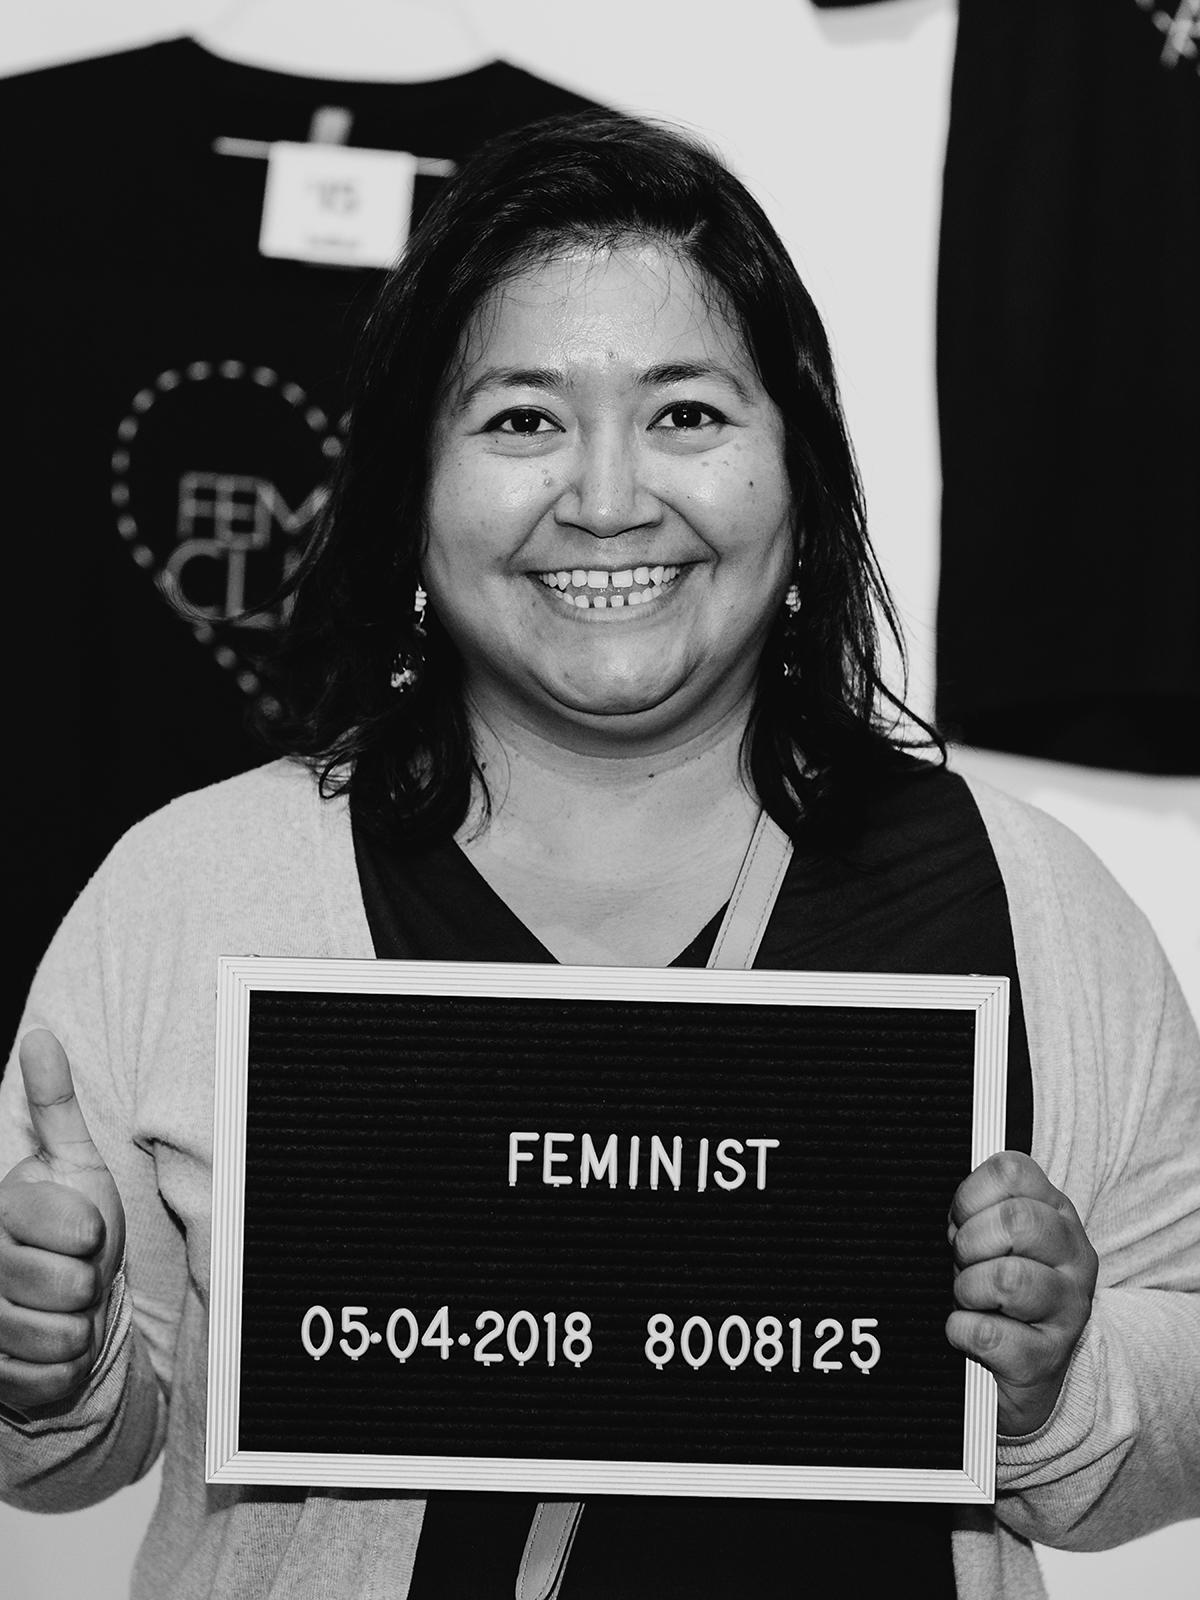 8008125 feminist.jpg